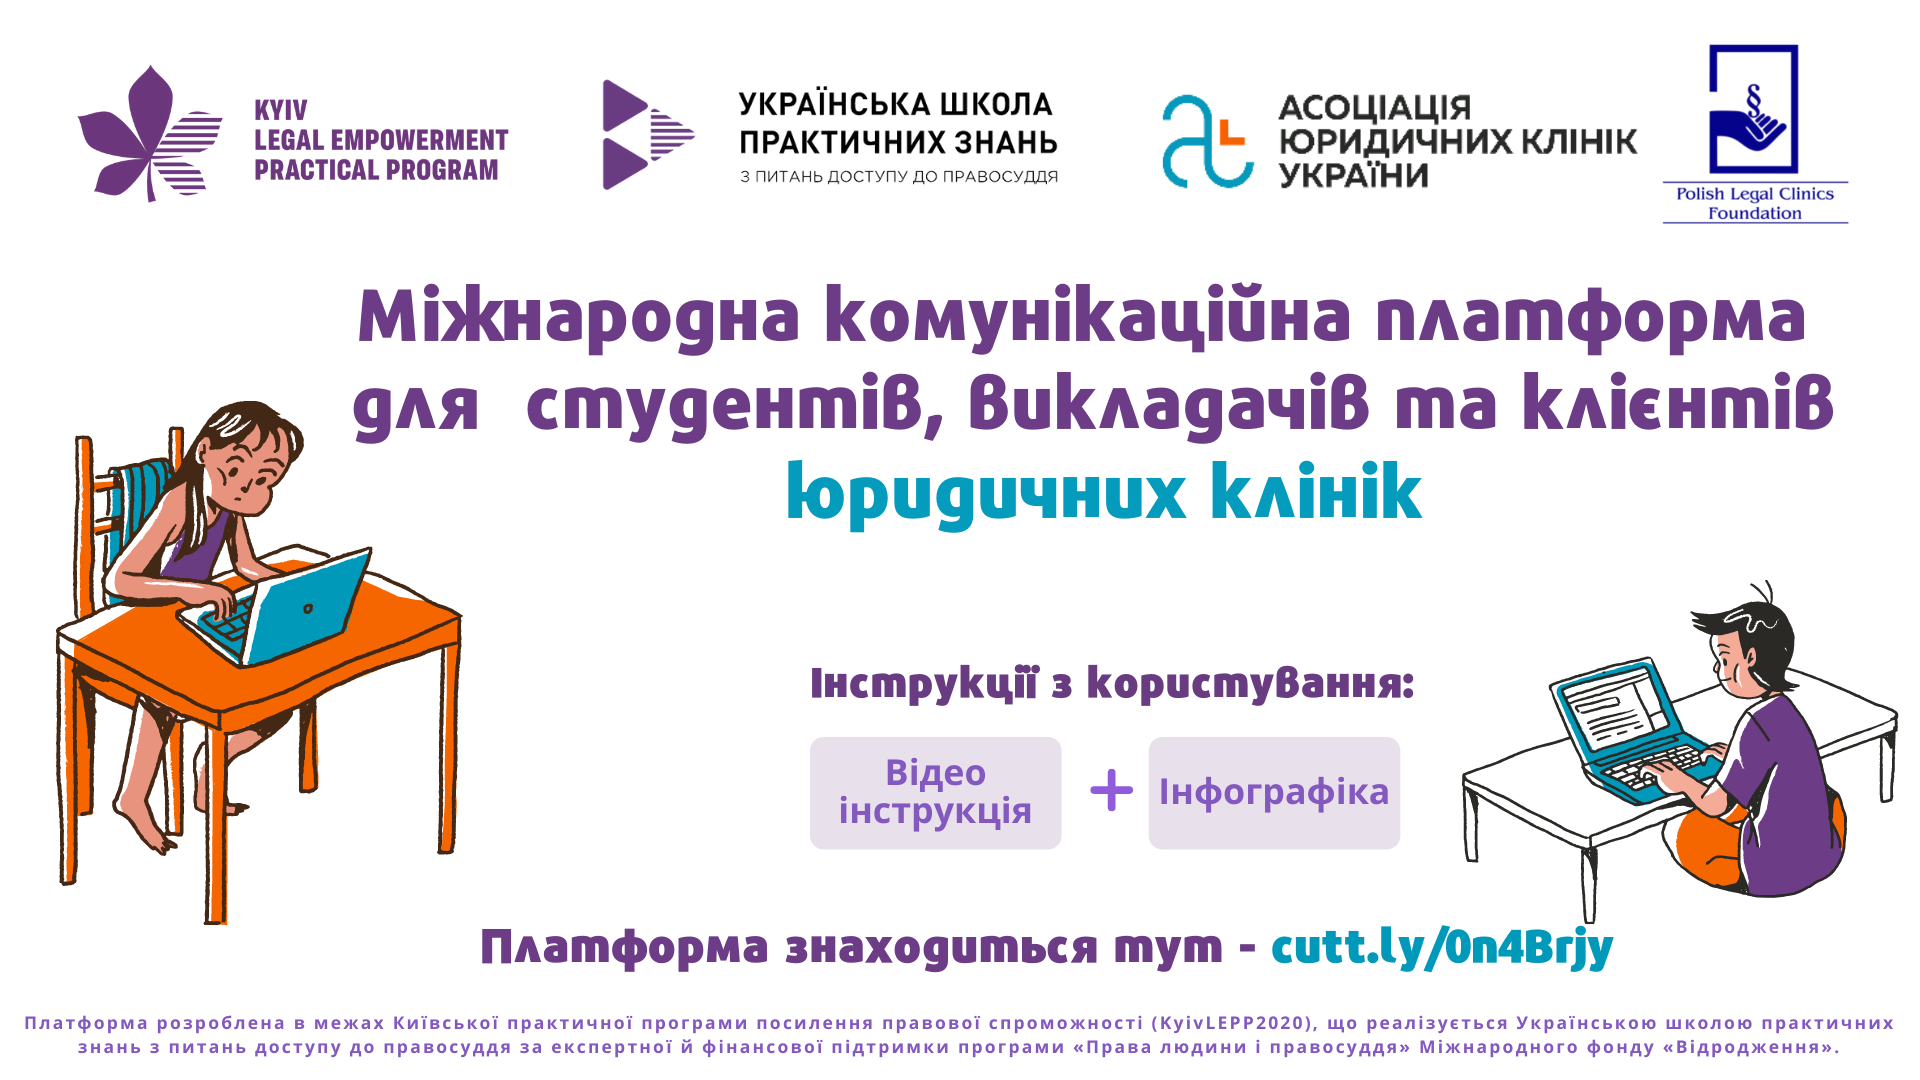 Комунікаційна платформа для юридичних клінік України та Польщі